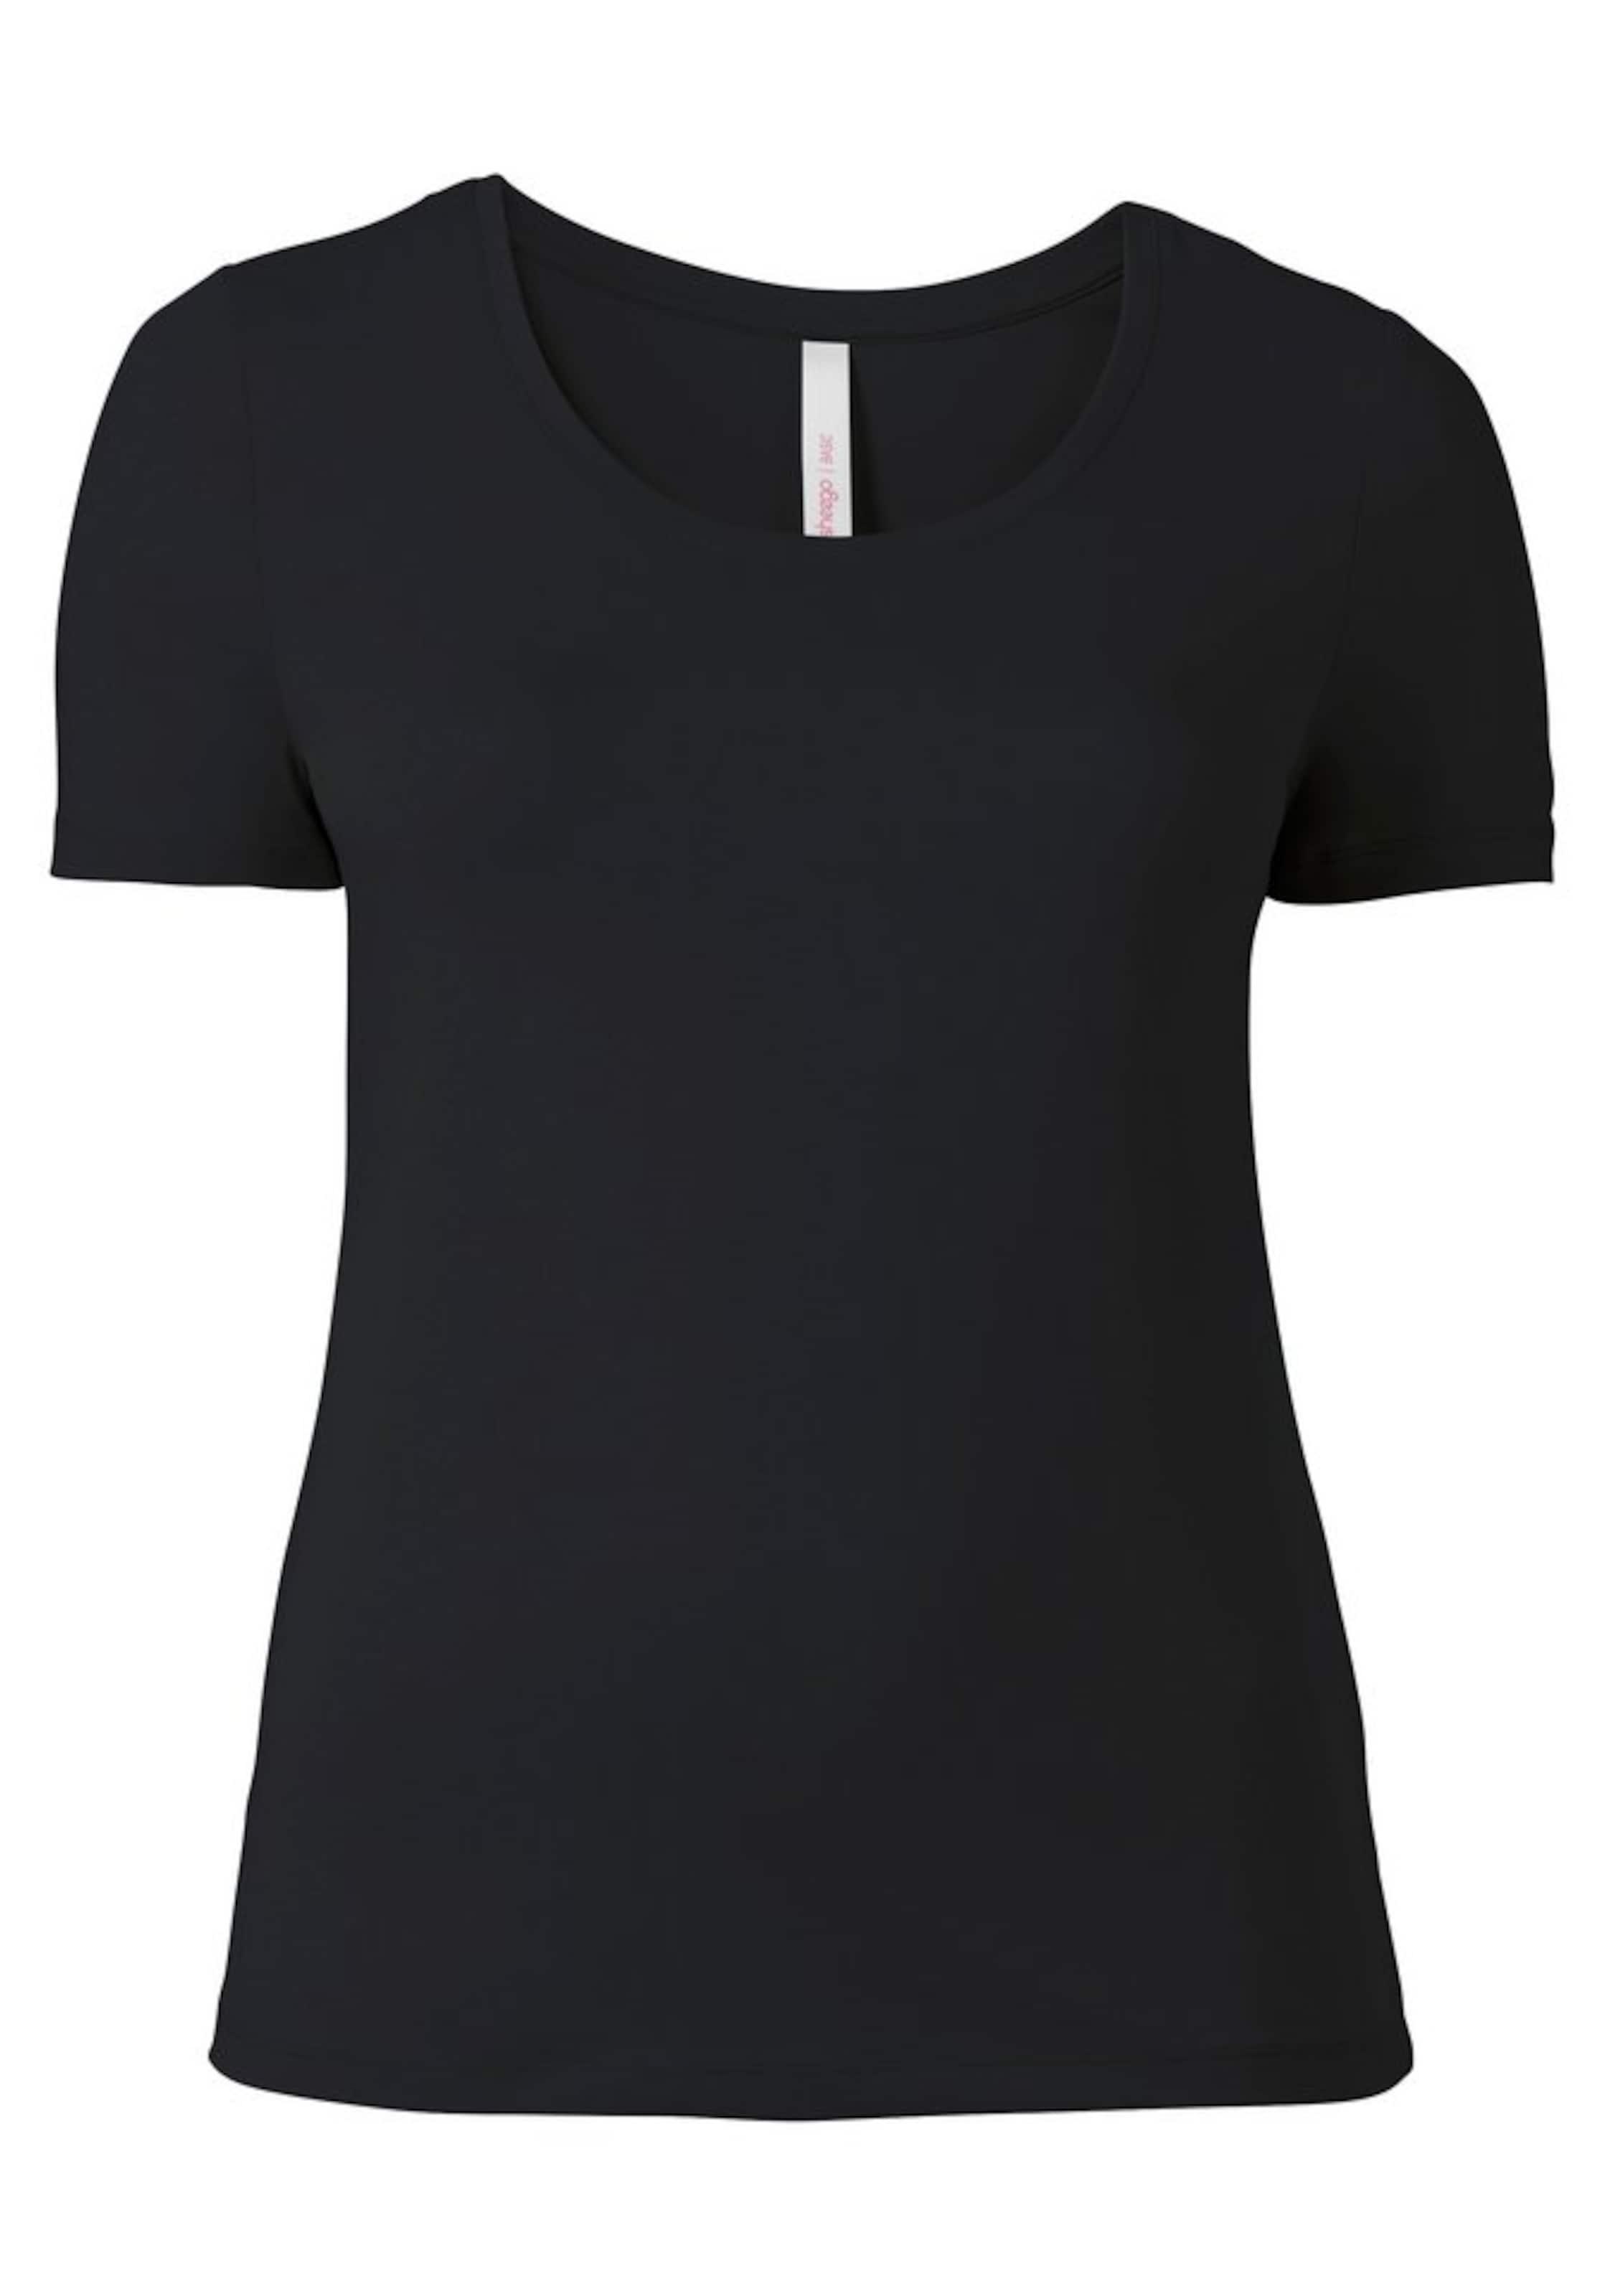 Sheego Sheego Sheego In shirt In T Schwarz Schwarz shirt T RqAL354j